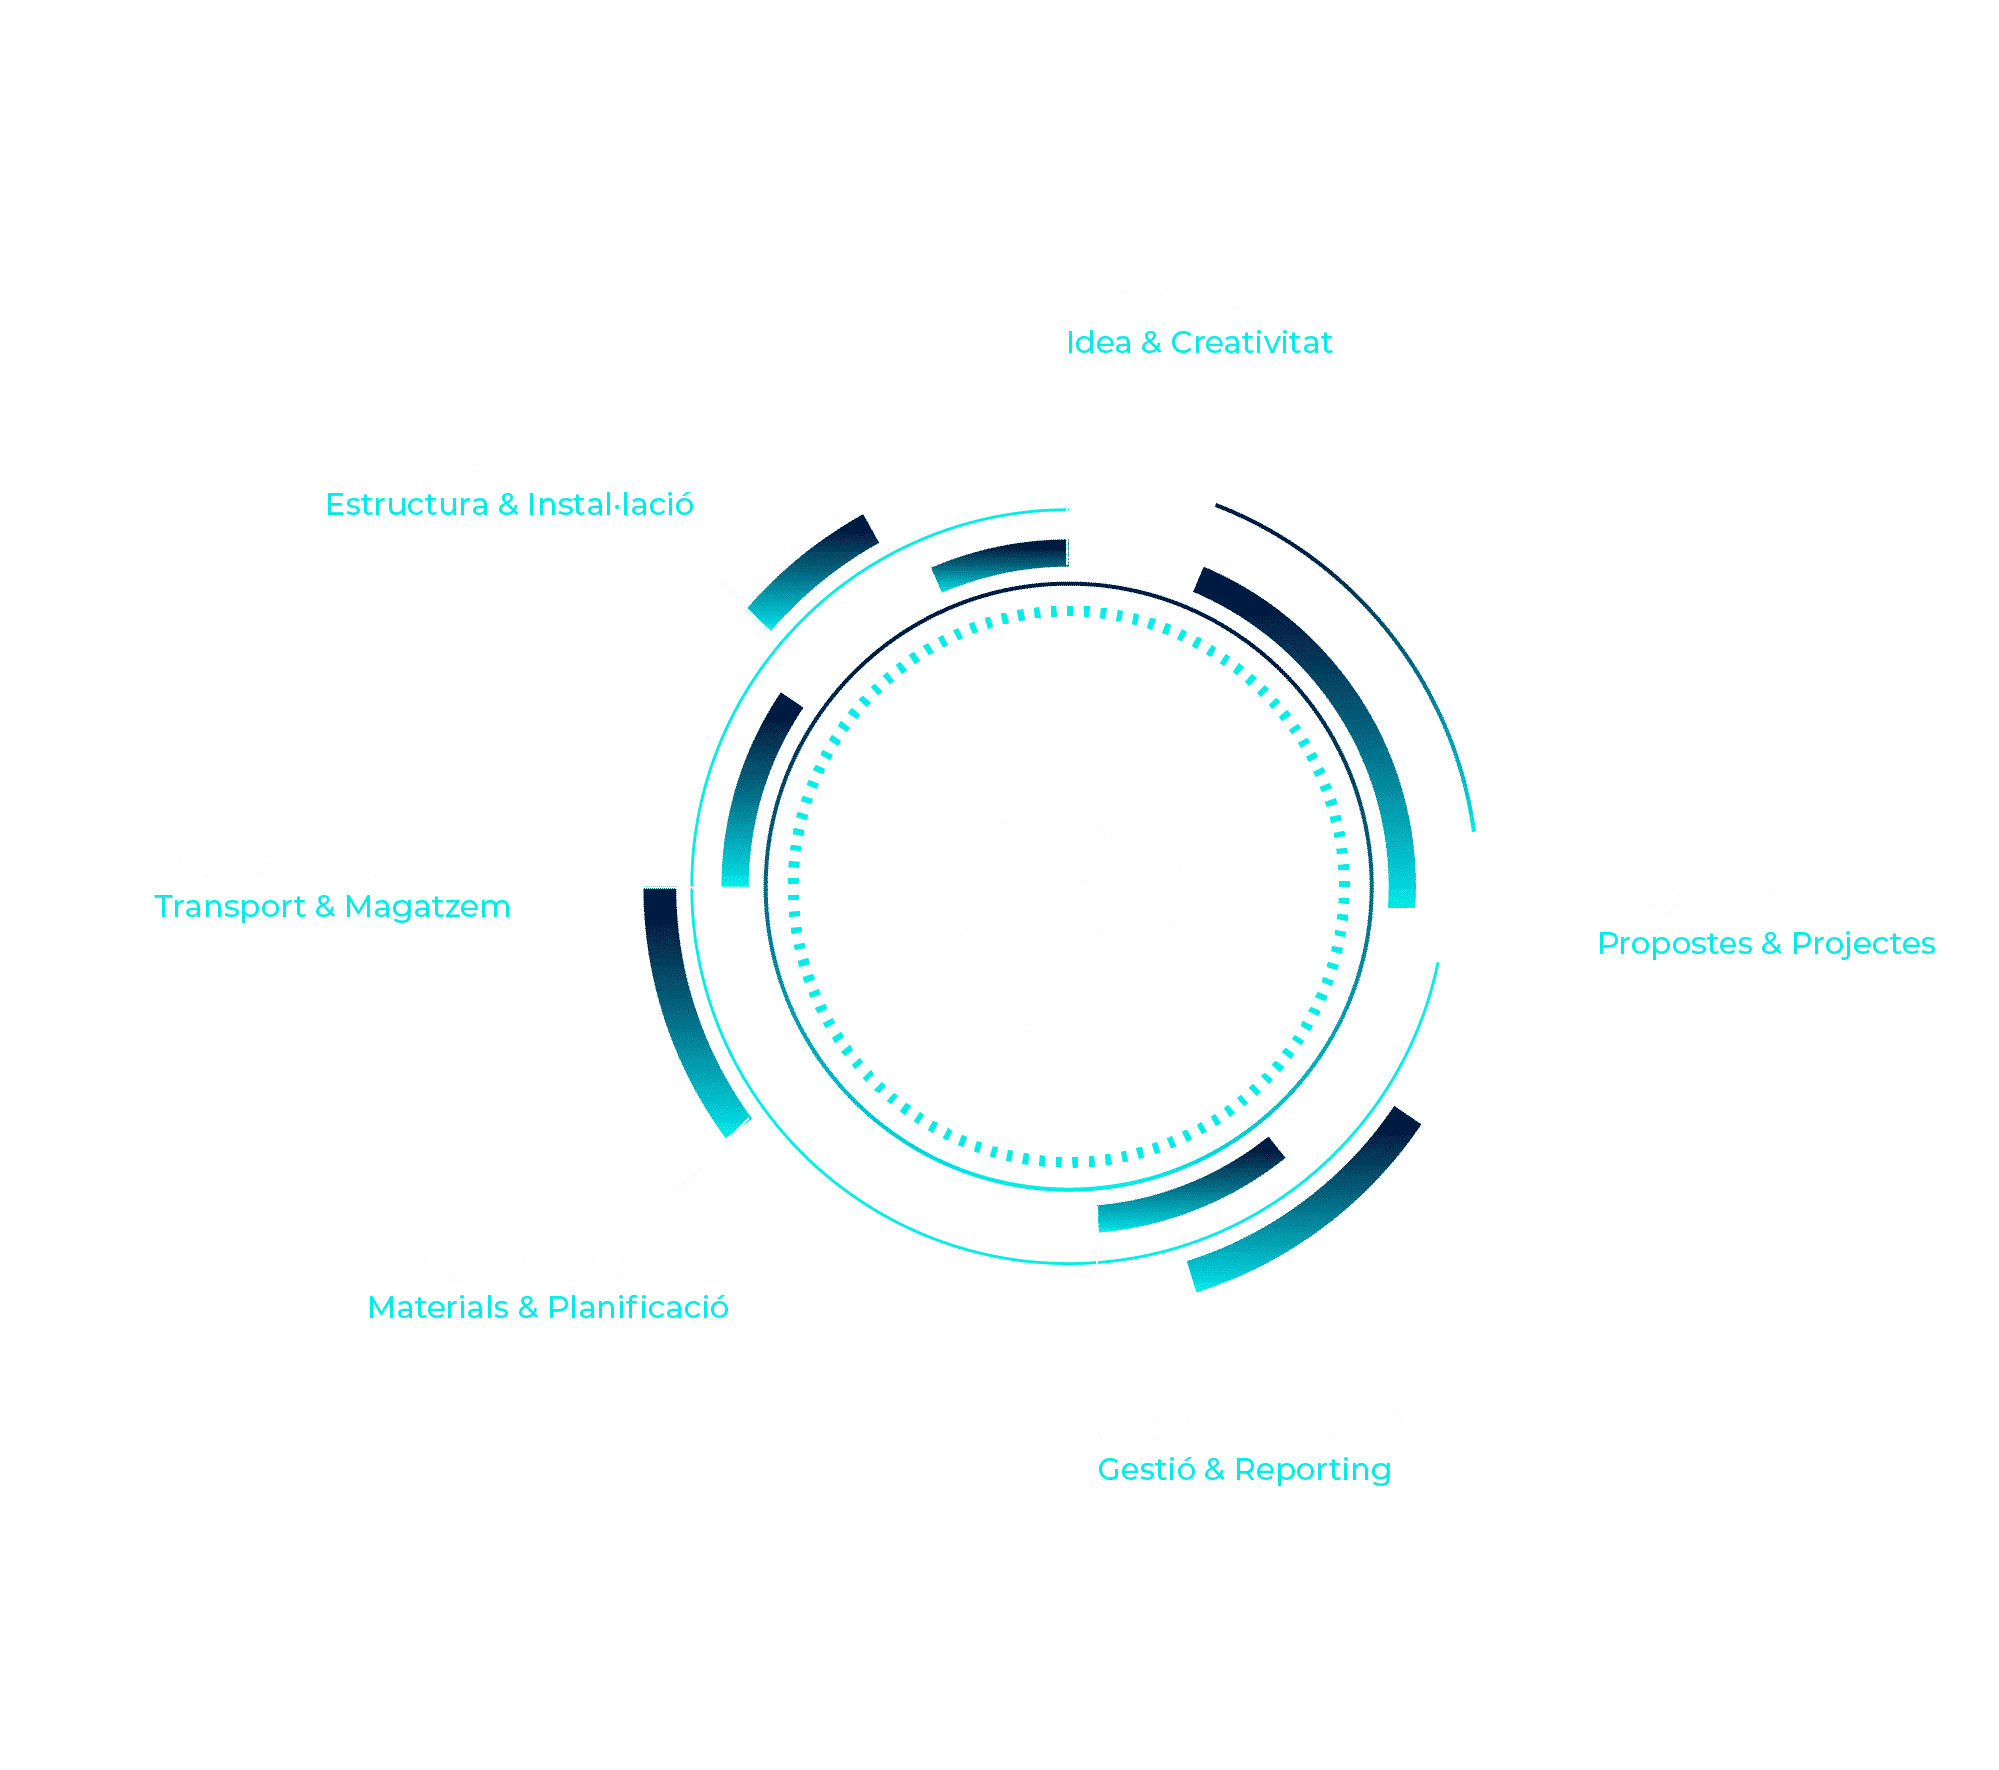 Solucions 360º per als teus esdeveniments. Esdeveniments especials a mida. PROmotor Special Events.